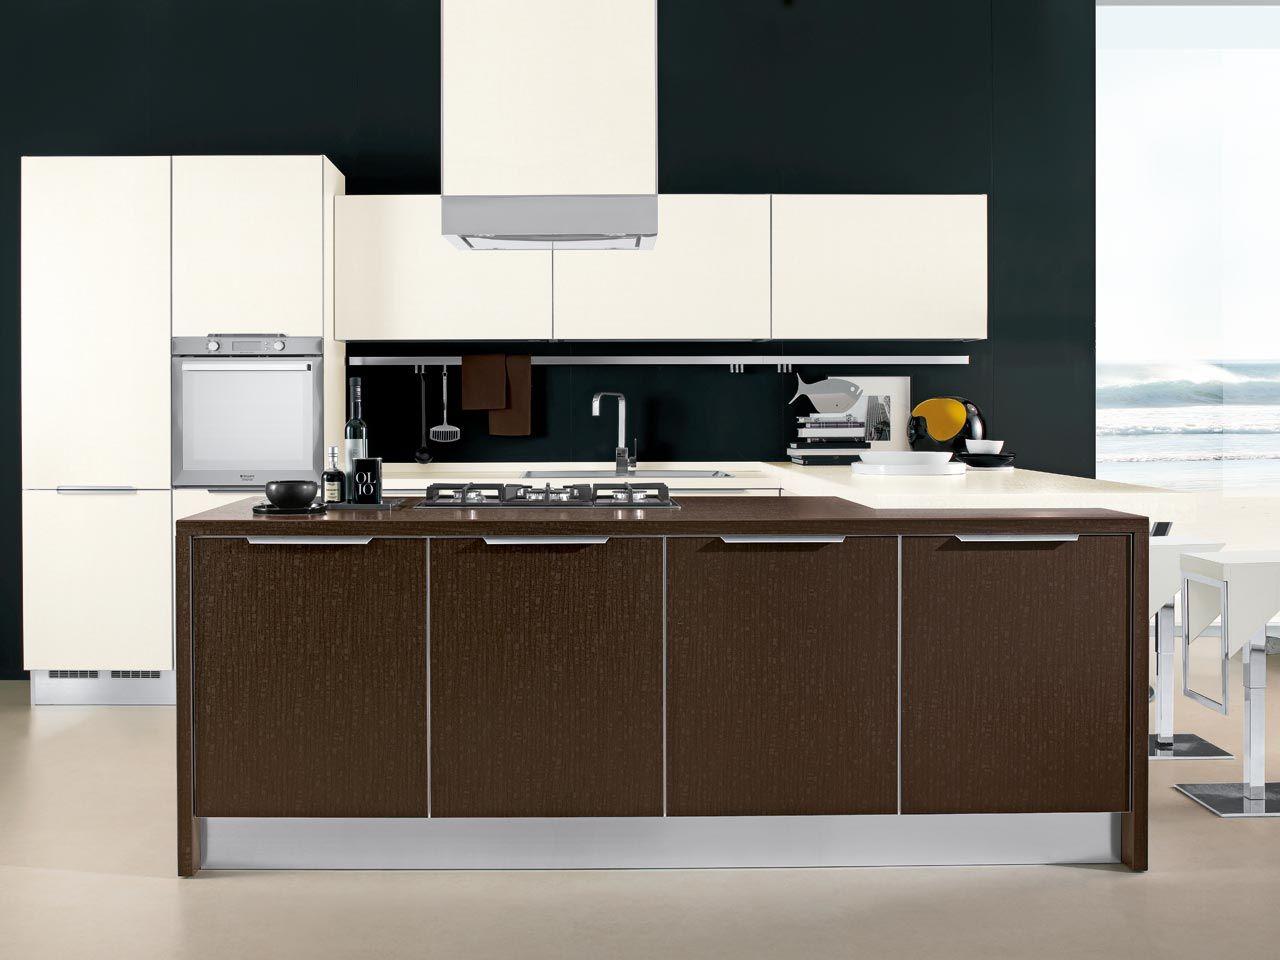 Nilde - Kitchens - Cucine Lube | Kitchen Designs | Pinterest ...